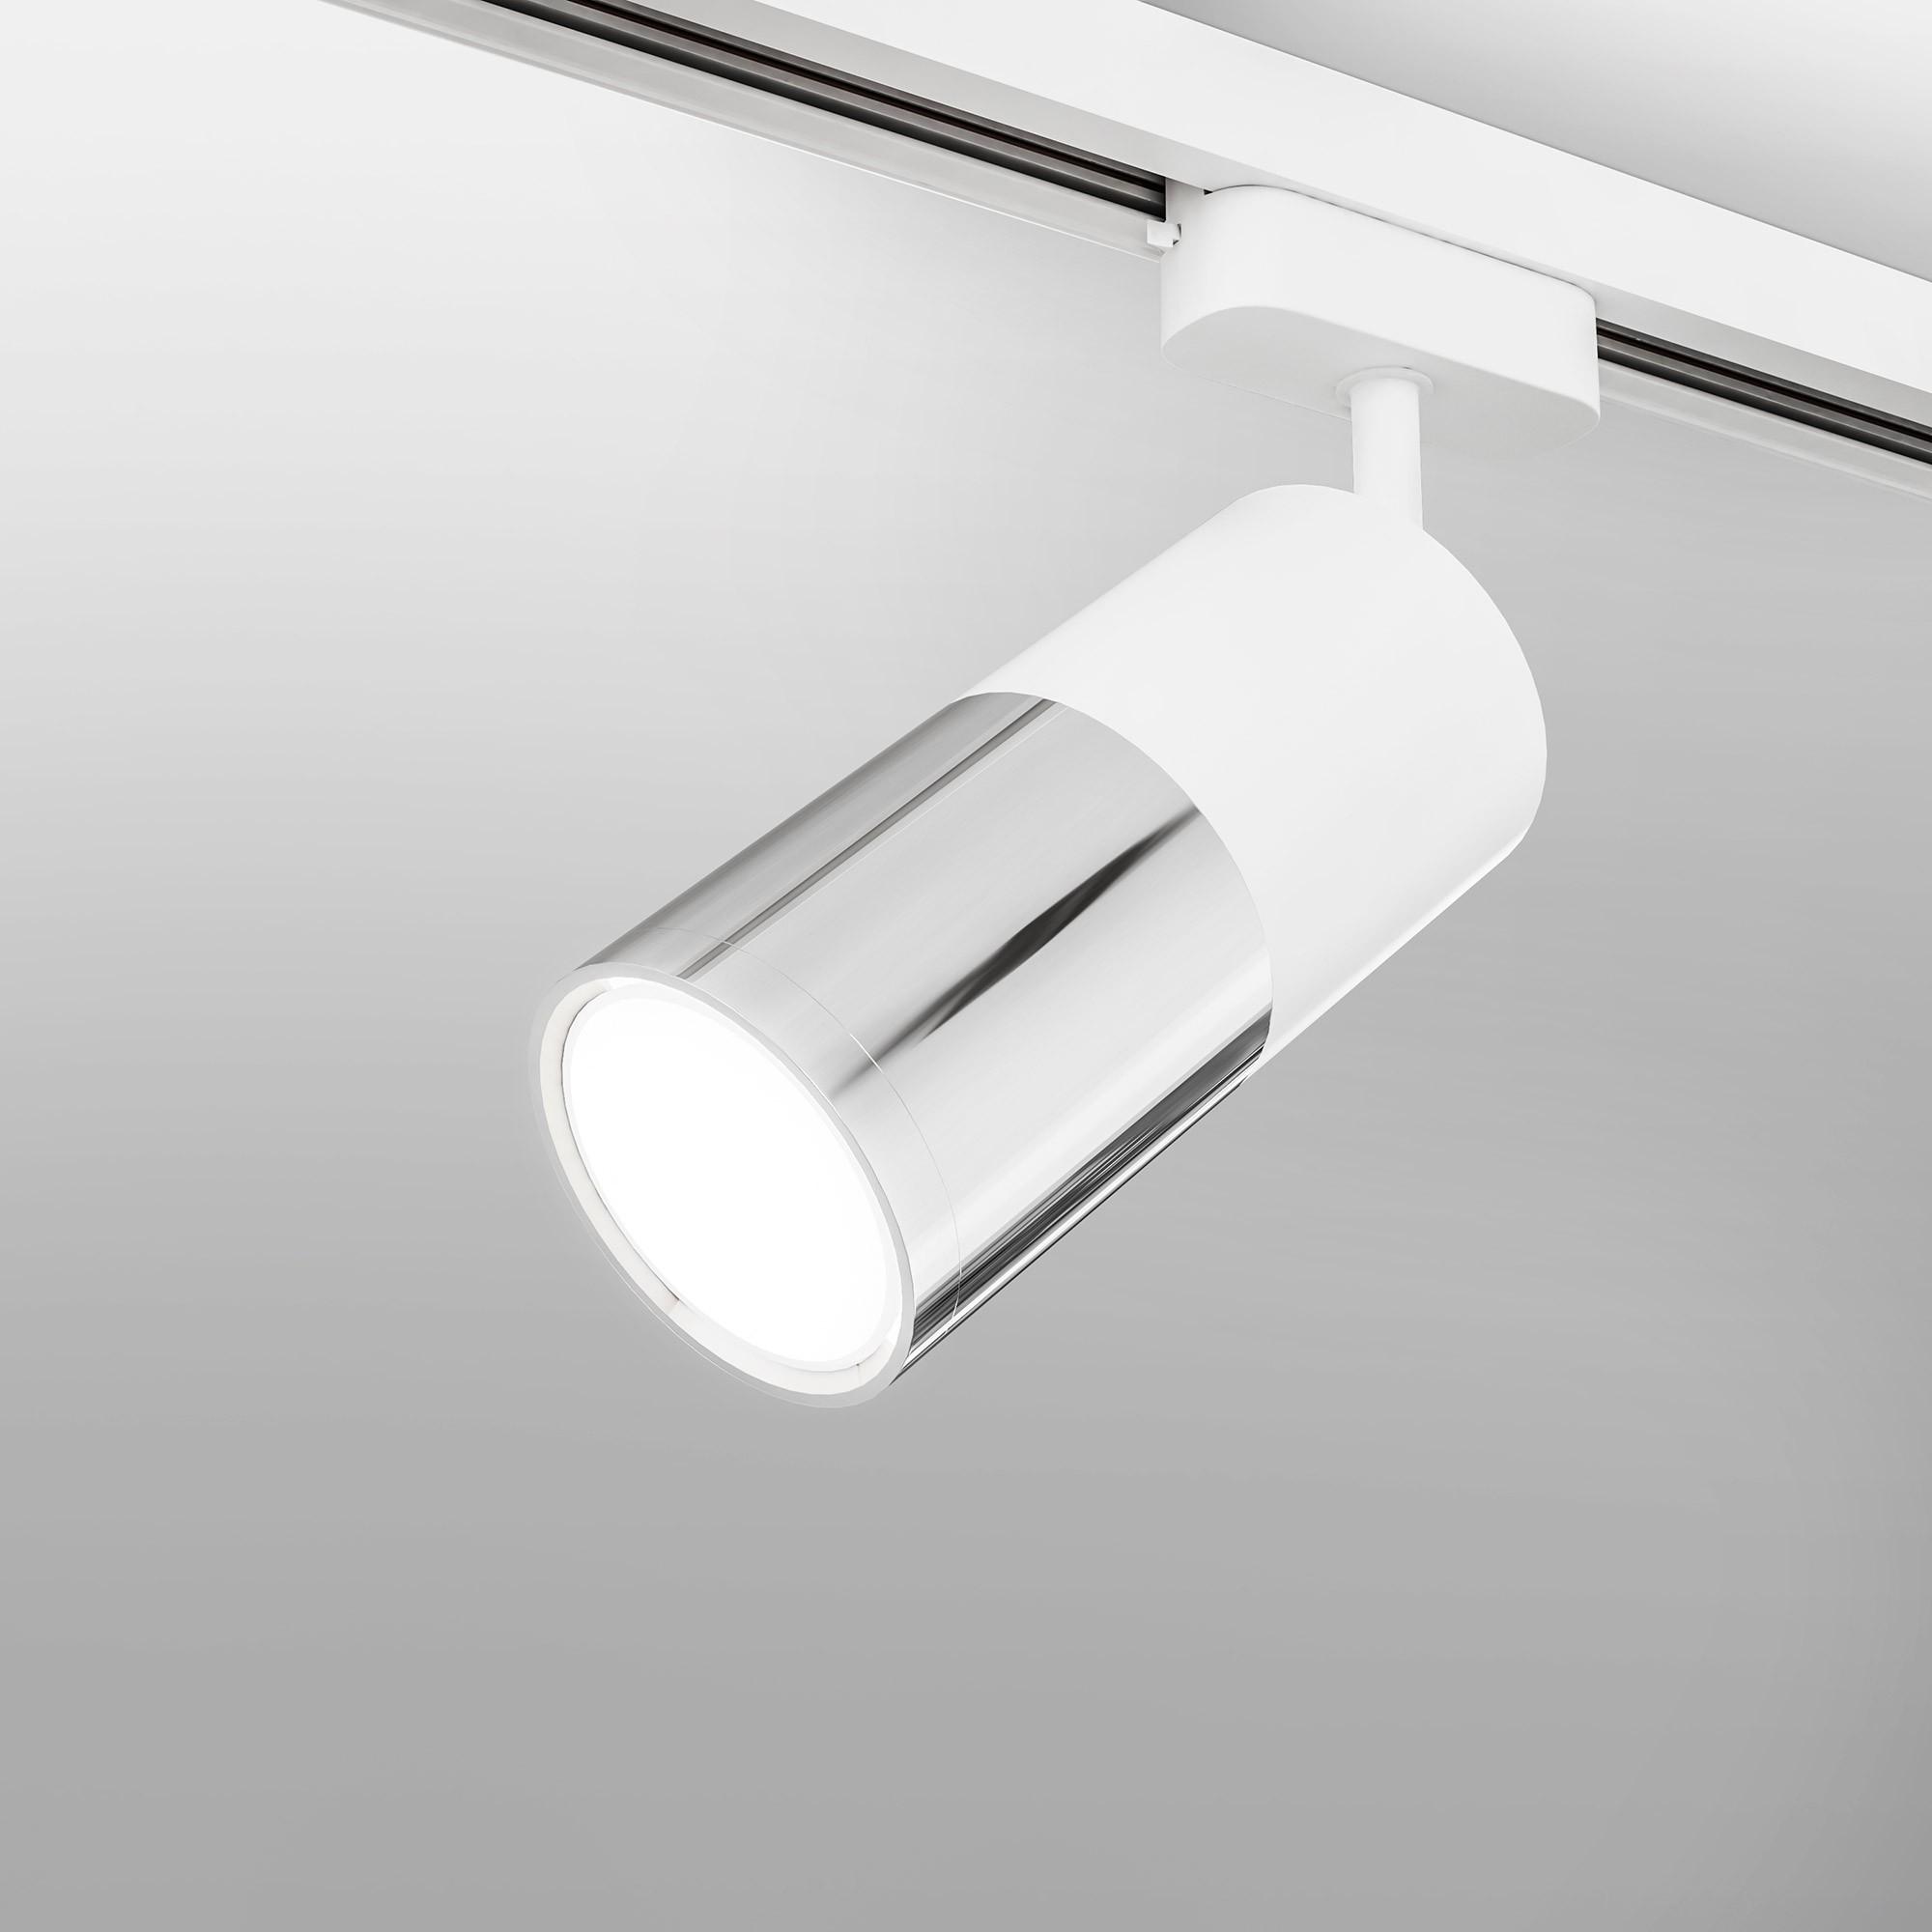 Avantag Белый матовый/хром 6W 4200K (LTB27) однофазный